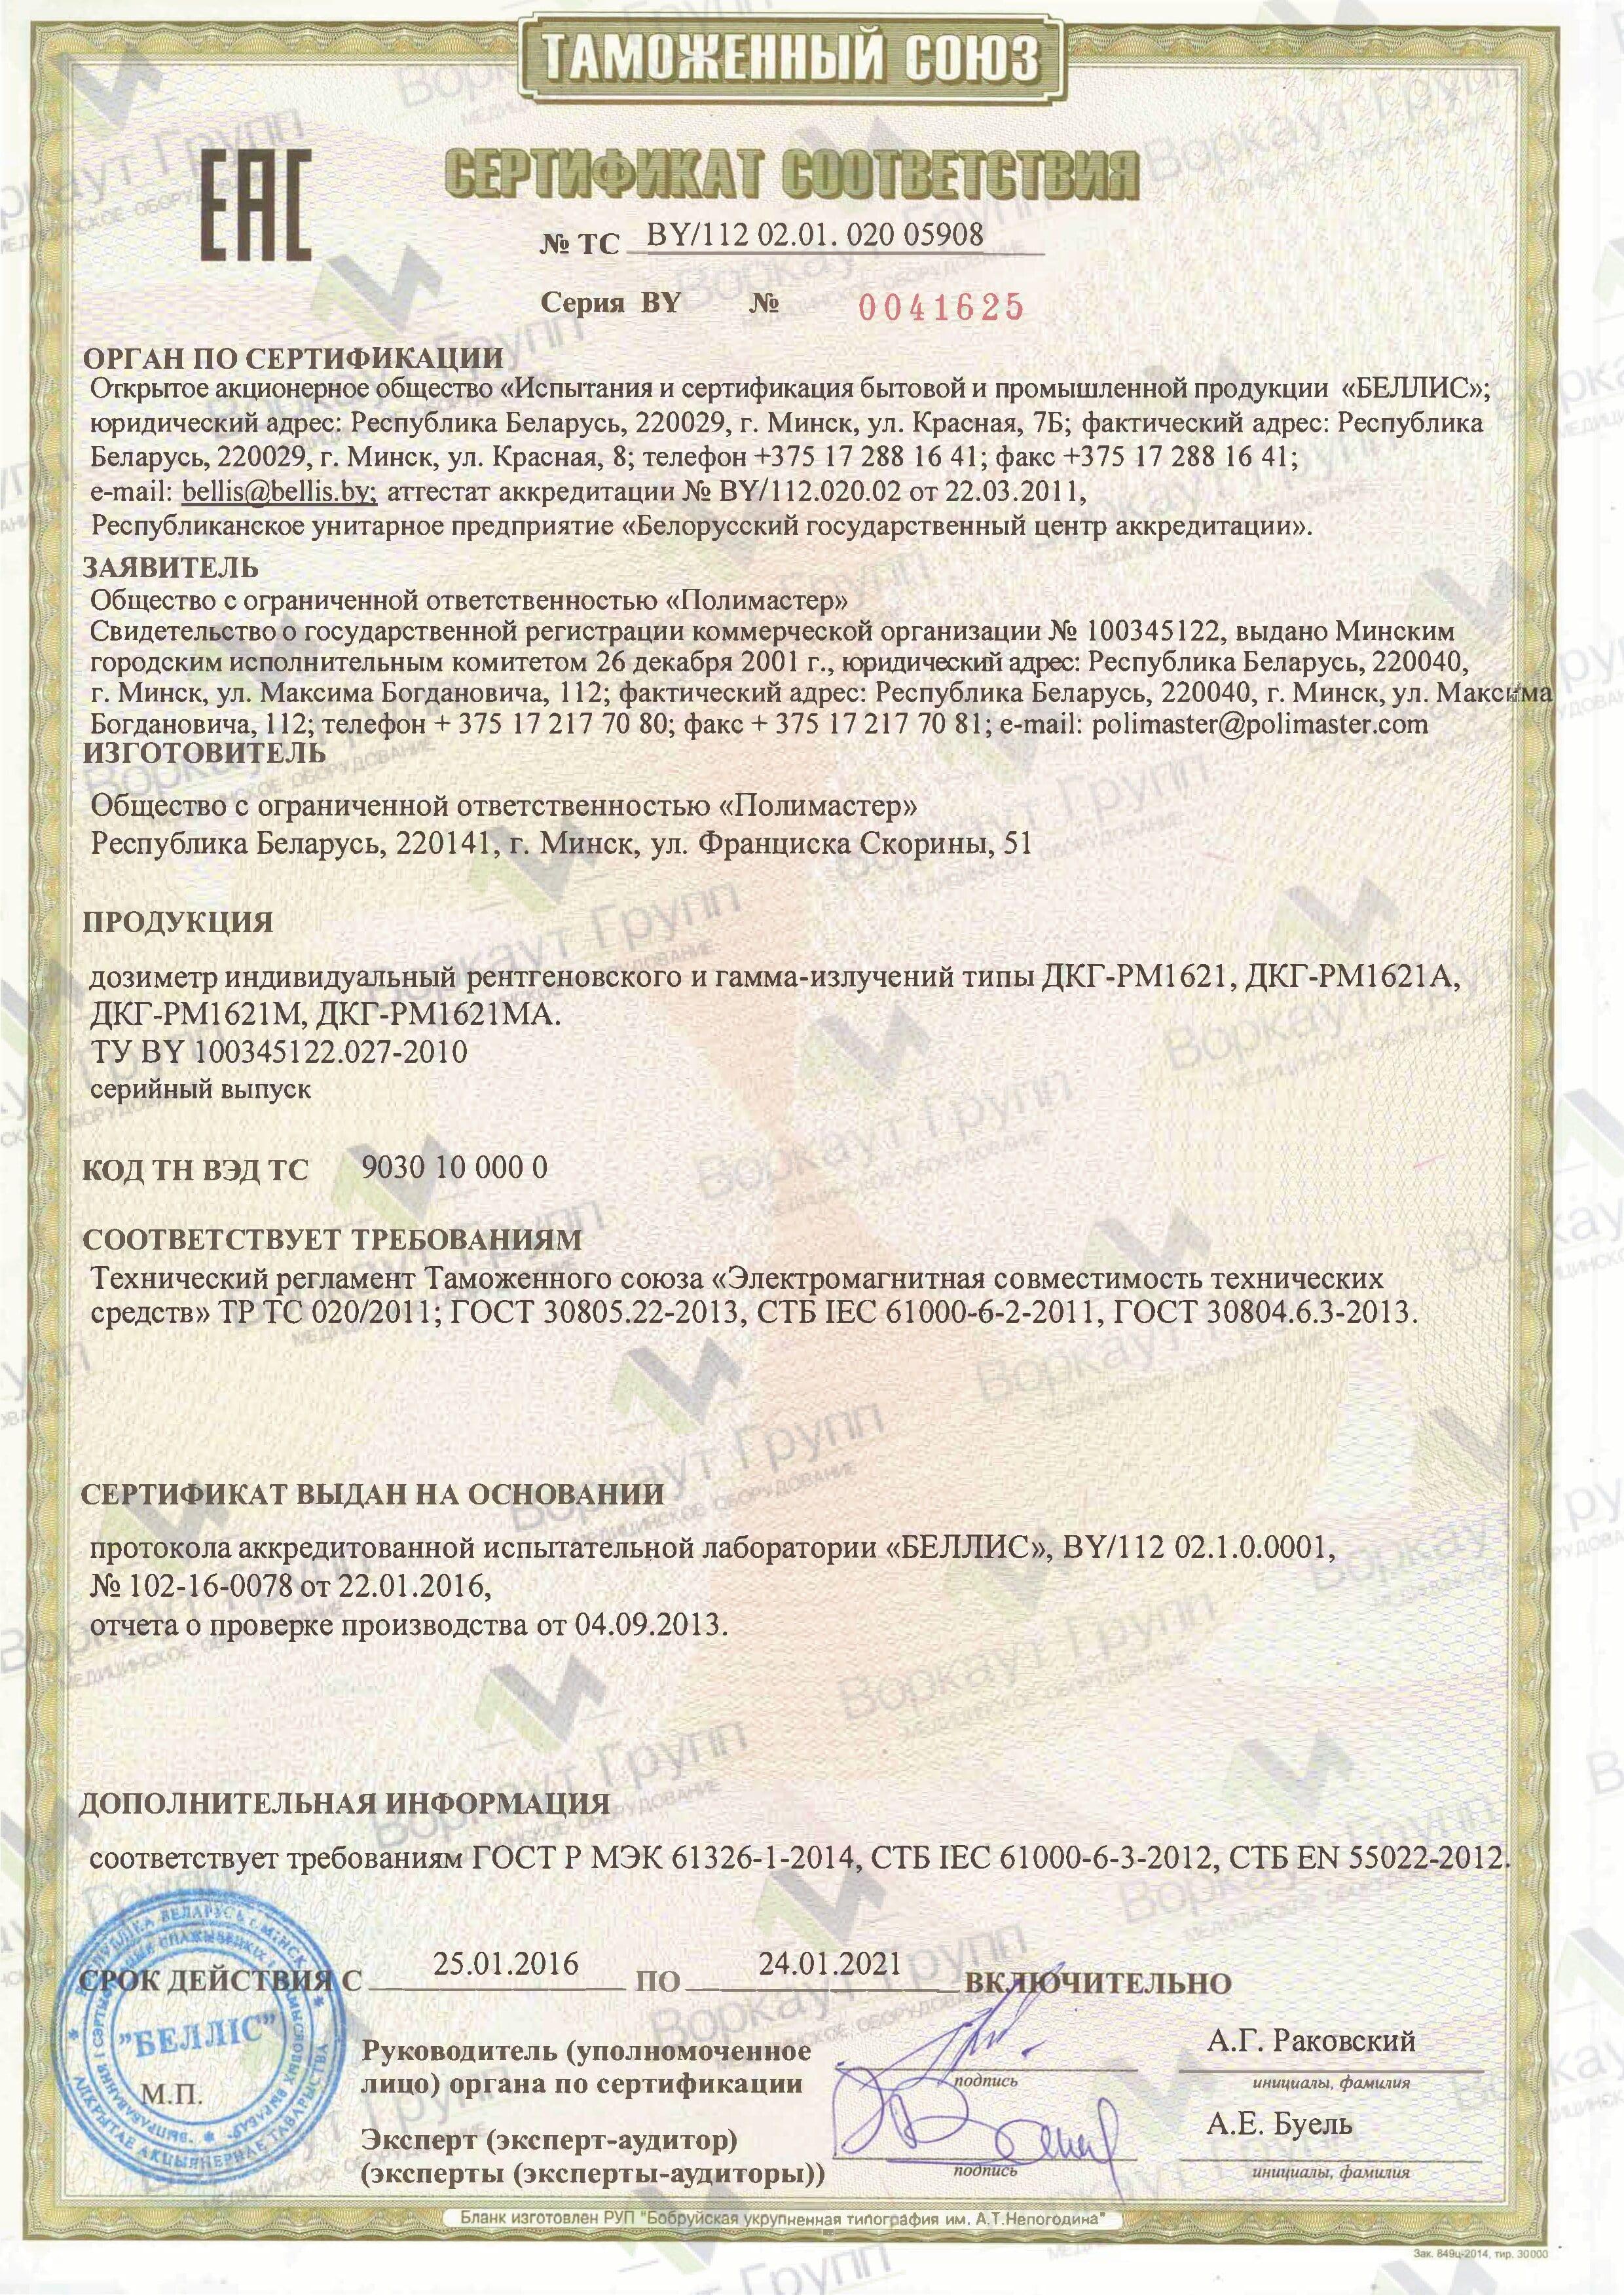 Сертификат соответствия таможенного союза ДКГ-РМ1621